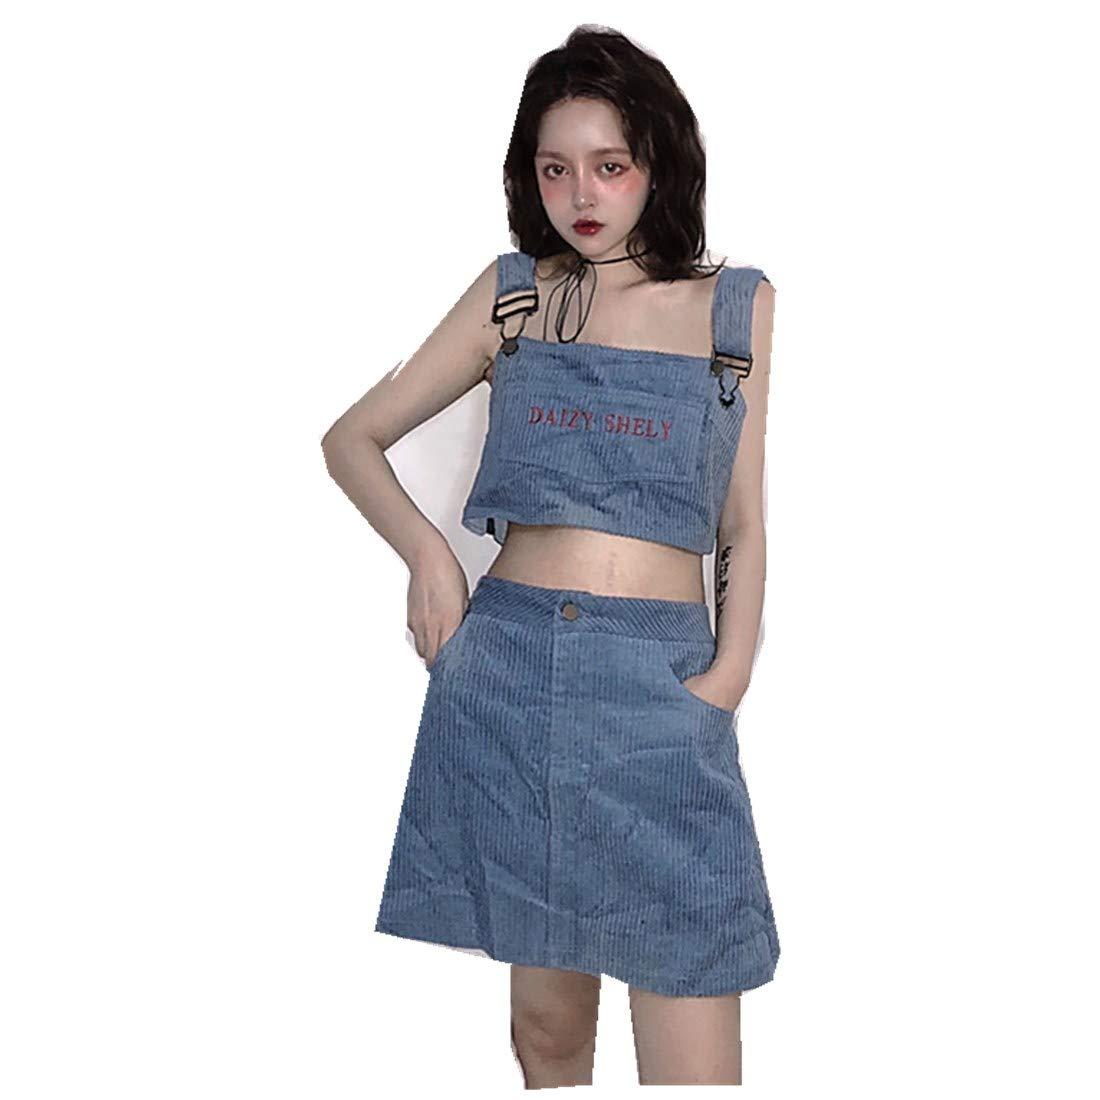 MV Summer Women's Suit Korean Harajuku BF Wind Embroidered Pit Vest + Skirt Suit